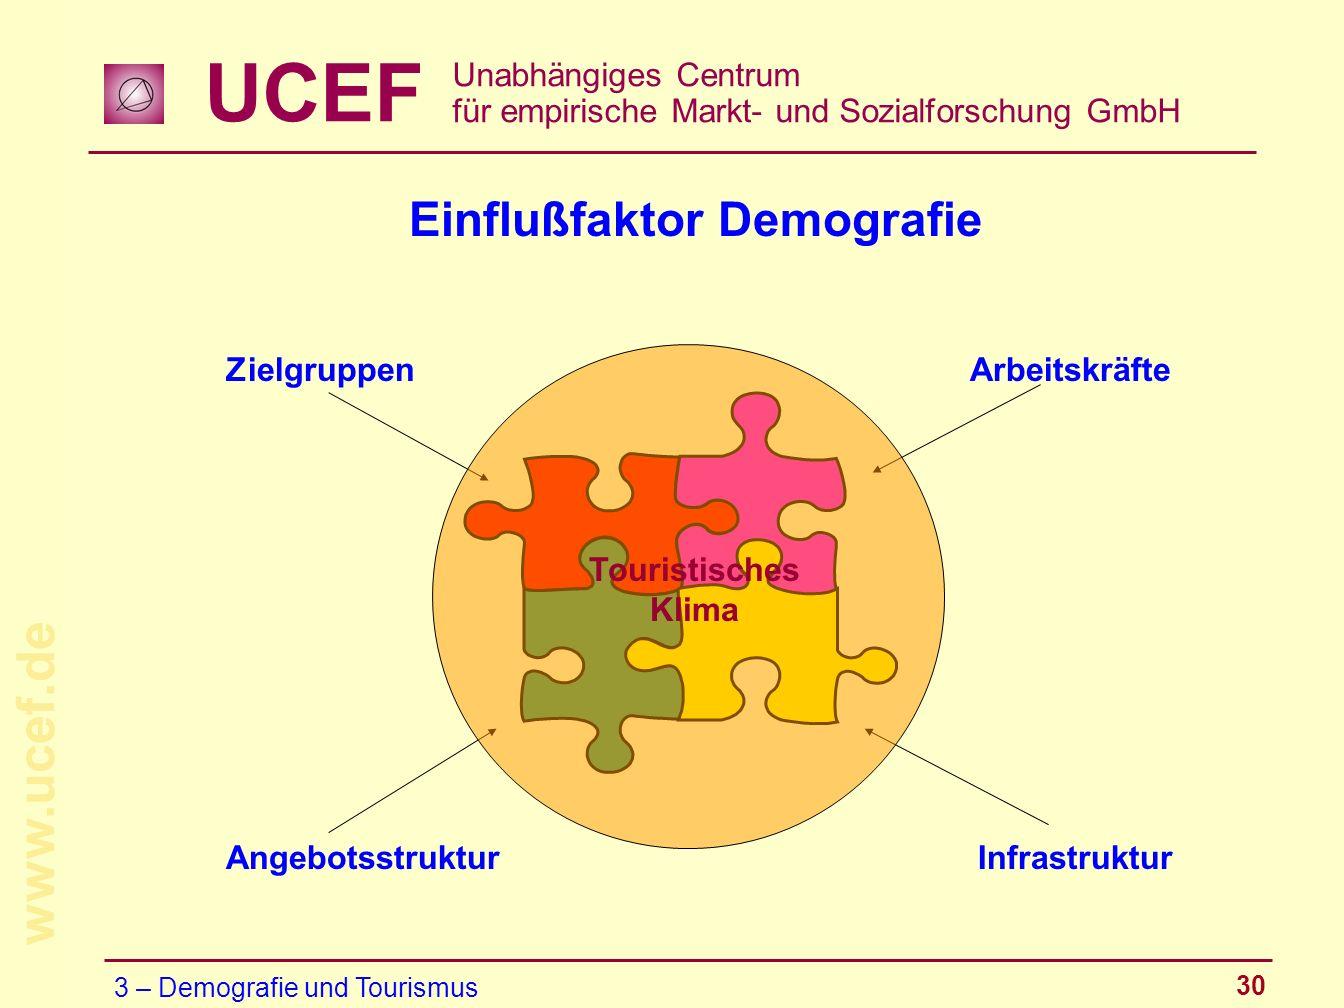 UCEF Unabhängiges Centrum für empirische Markt- und Sozialforschung GmbH www.ucef.de 30 Zielgruppen Angebotsstruktur Arbeitskräfte Infrastruktur Touri